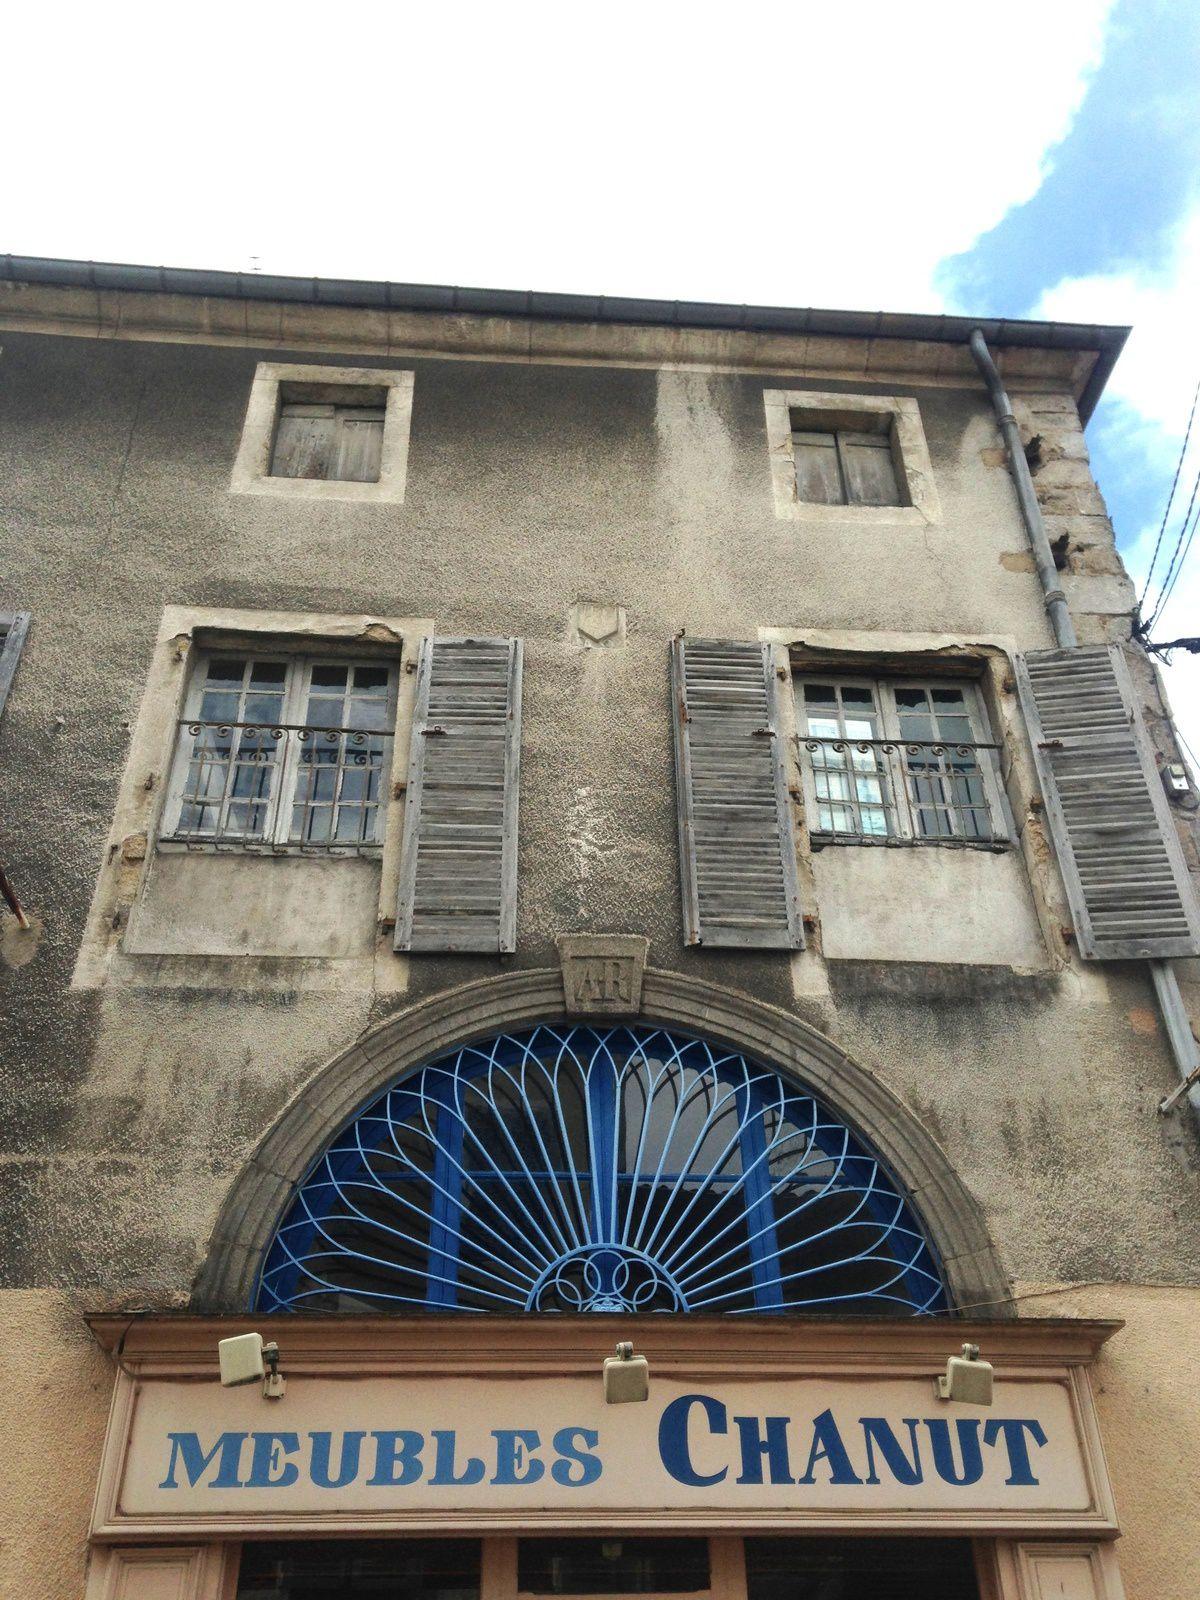 À Ambert, Auvergne, Puy de dôme, France. sur charlotteblabla blog*